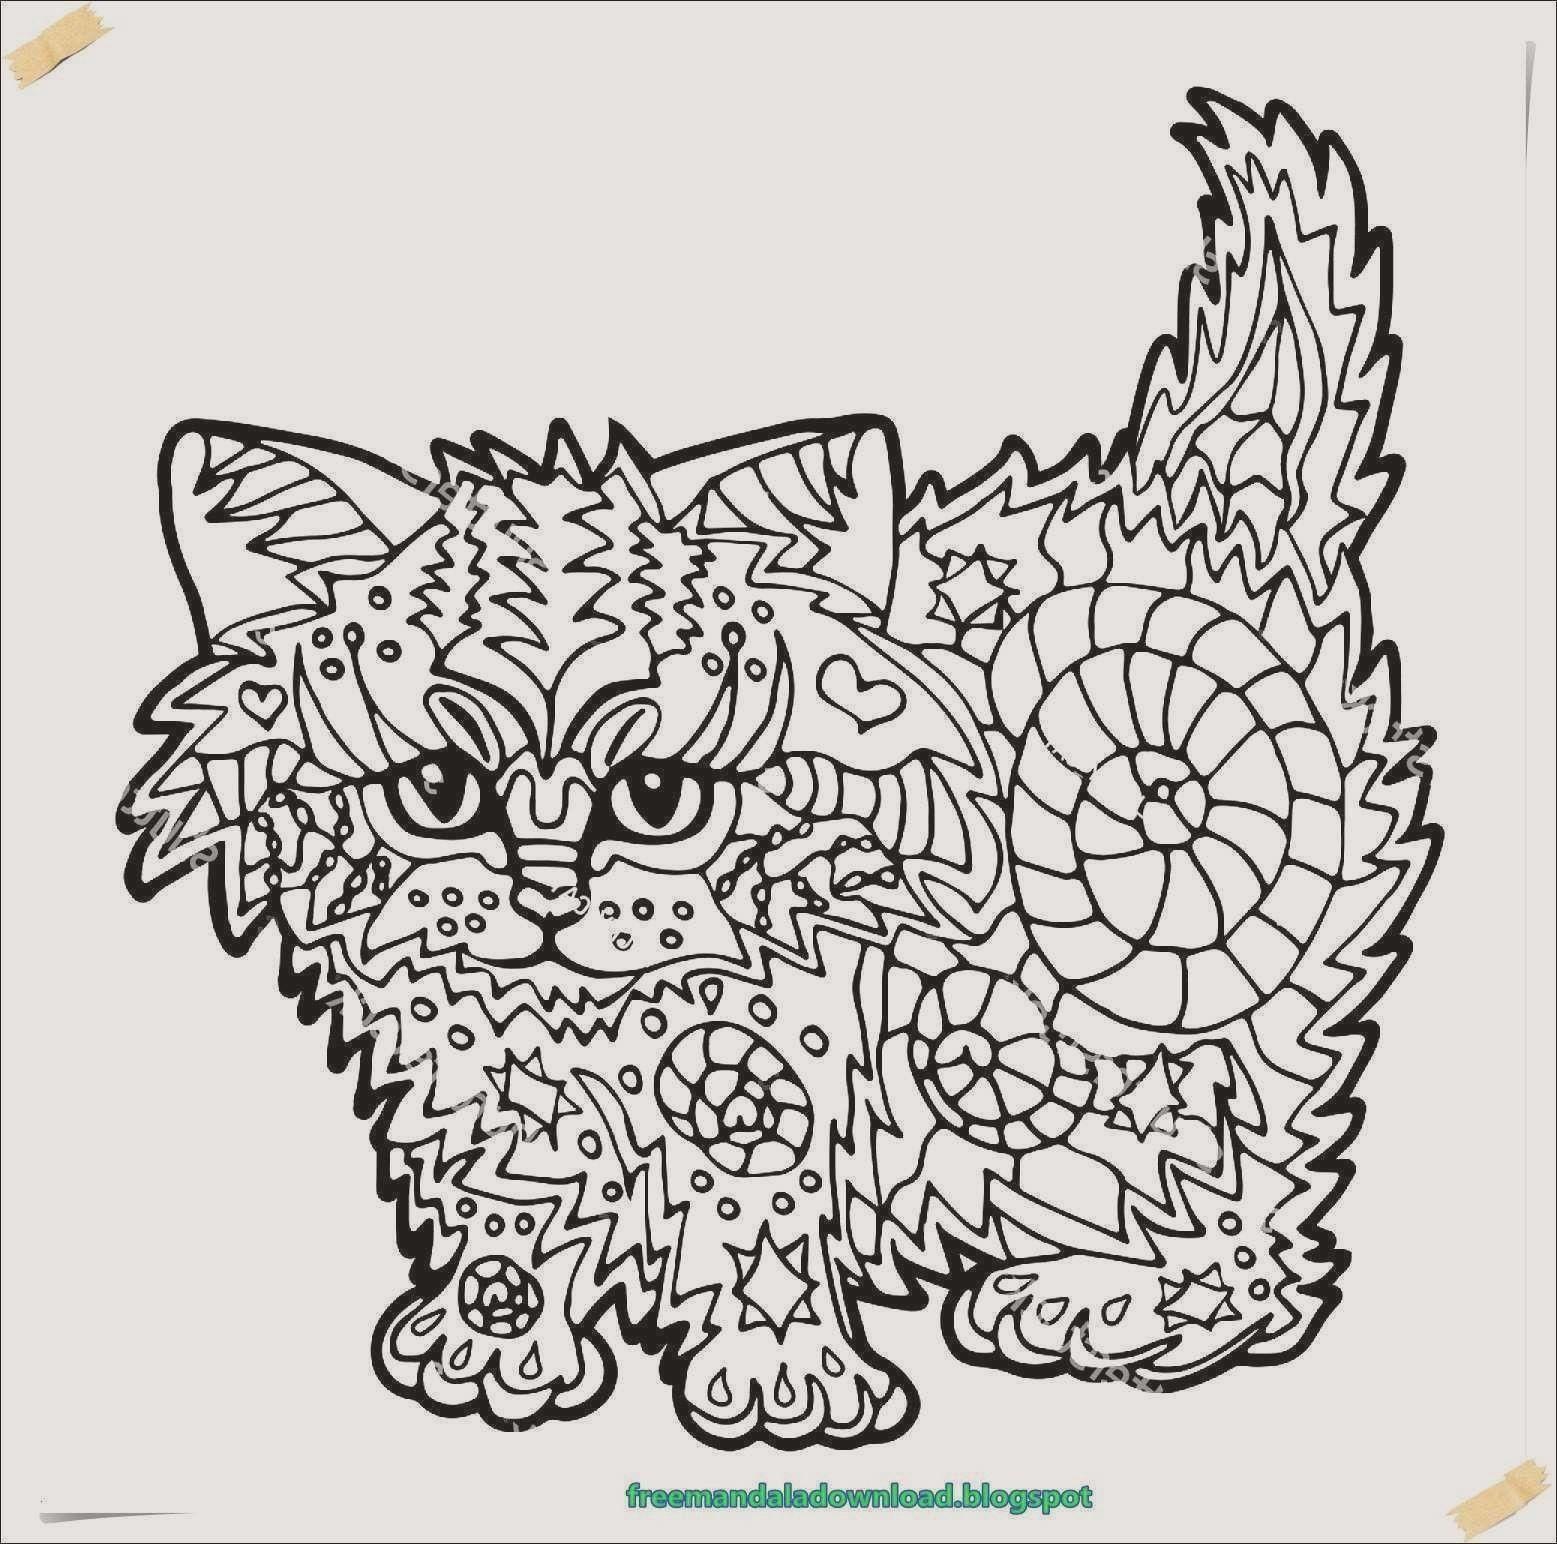 neu malvorlagen zum ausdrucken pdf  animal tattoo photo